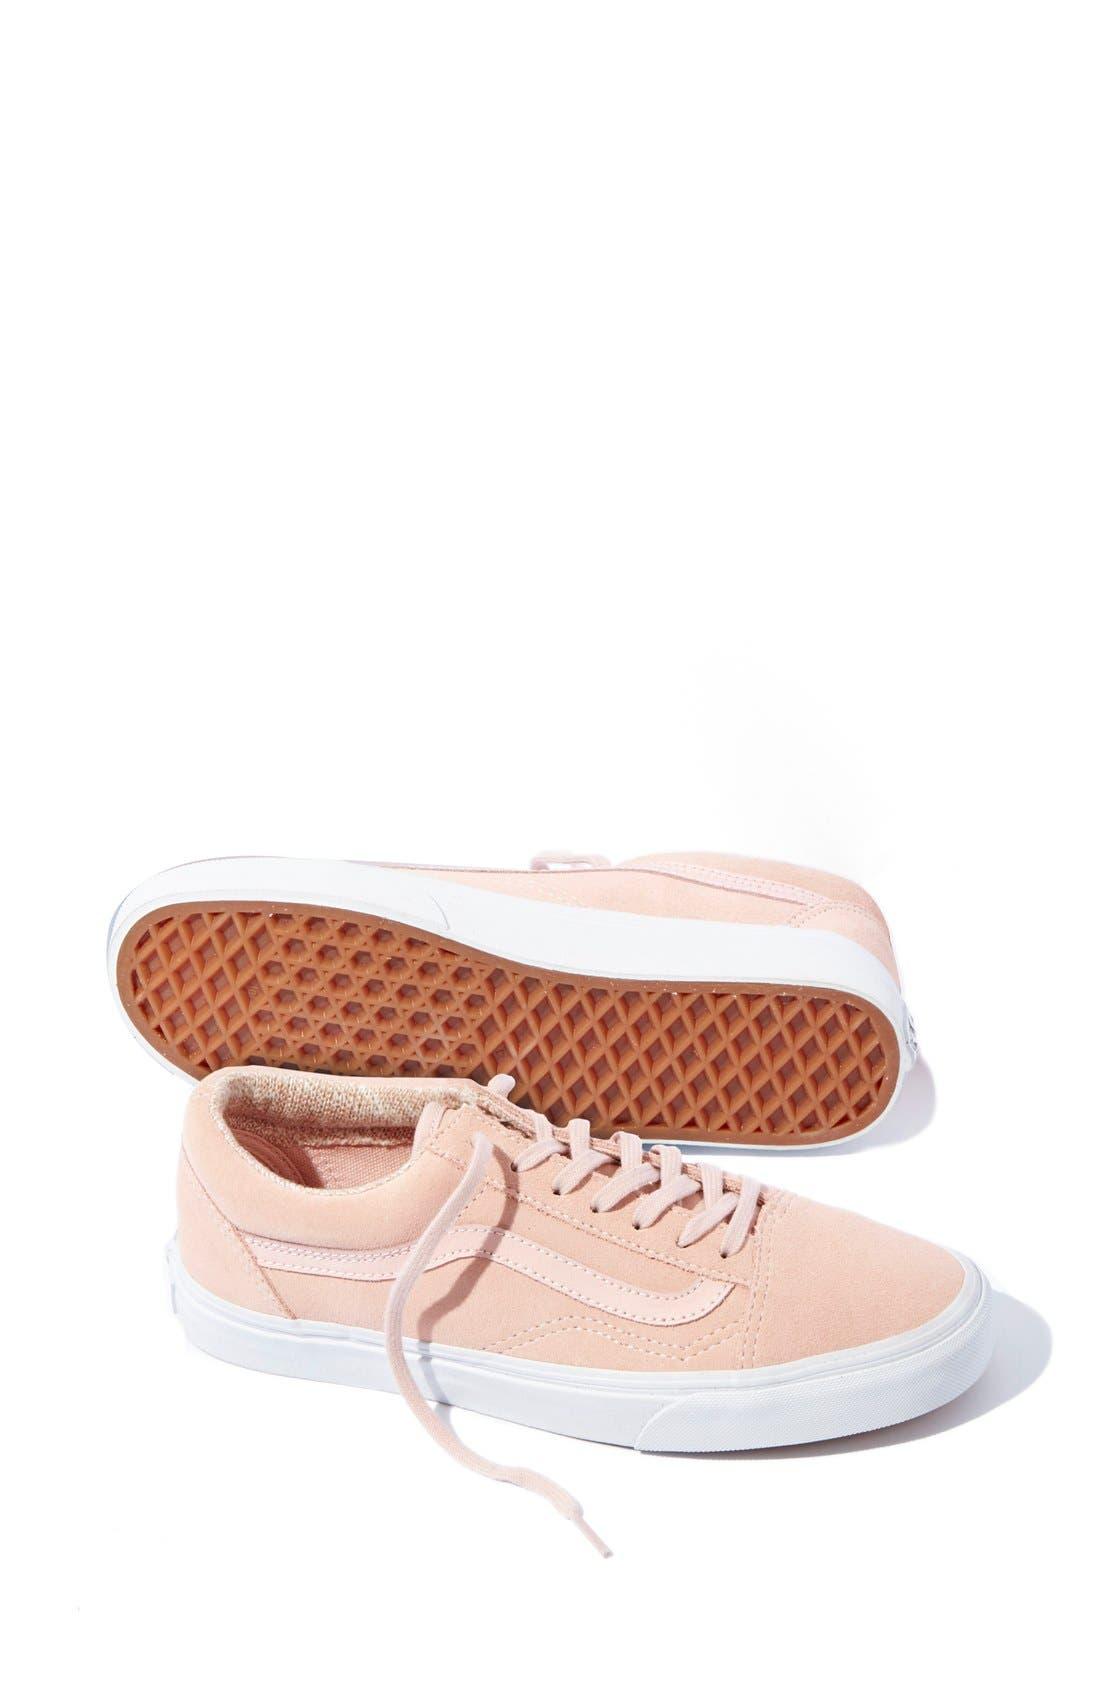 Main Image - Vans 'Old Skool' Sneaker (Unisex)